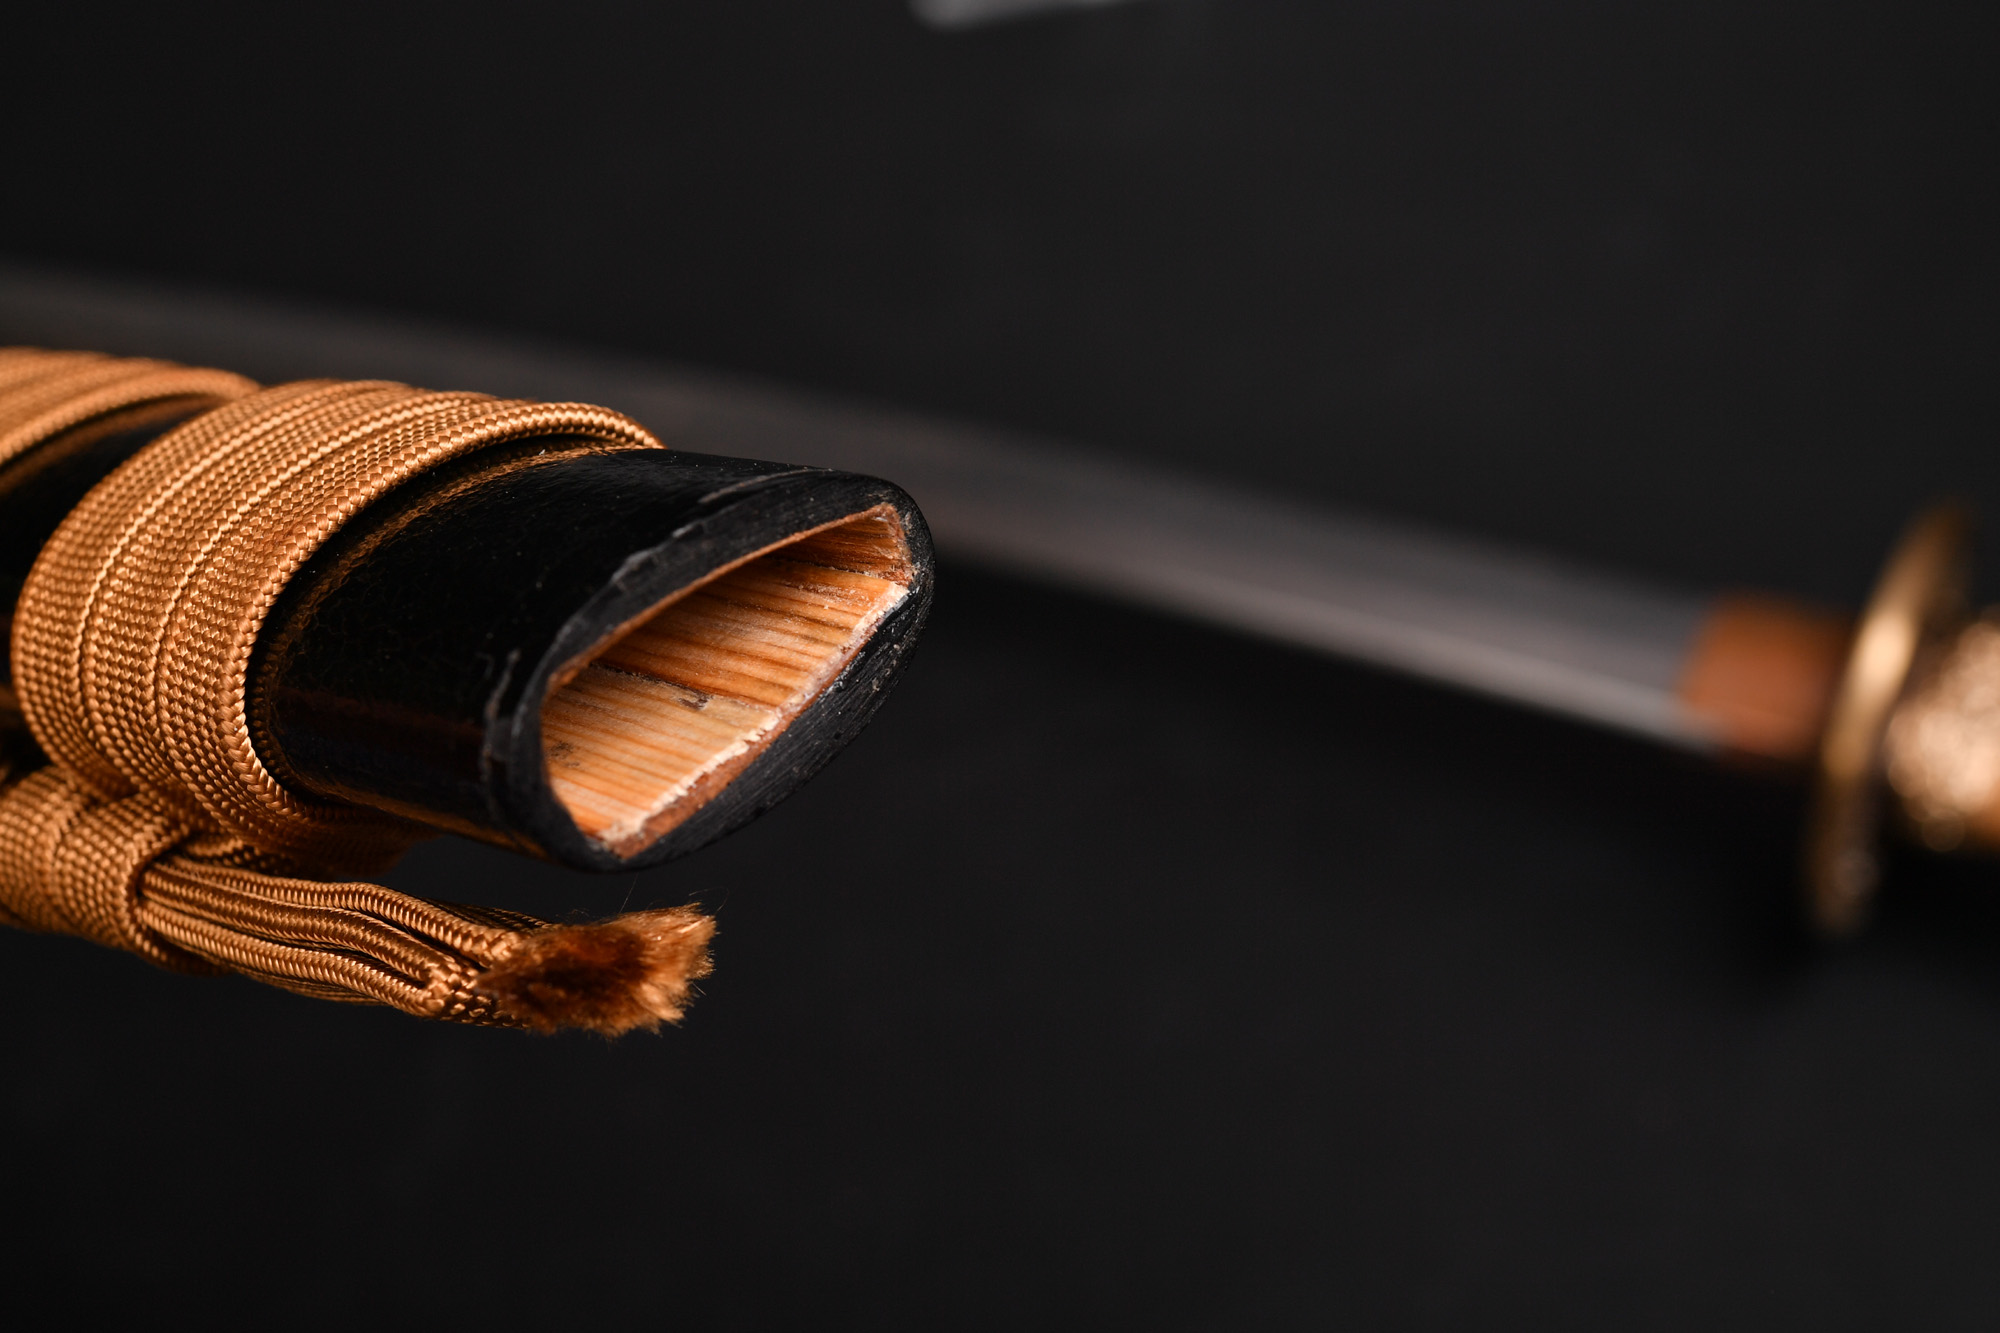 日本刀 鞘(鯉口)の調整 刀が鞘から軽く抜けるのを調整